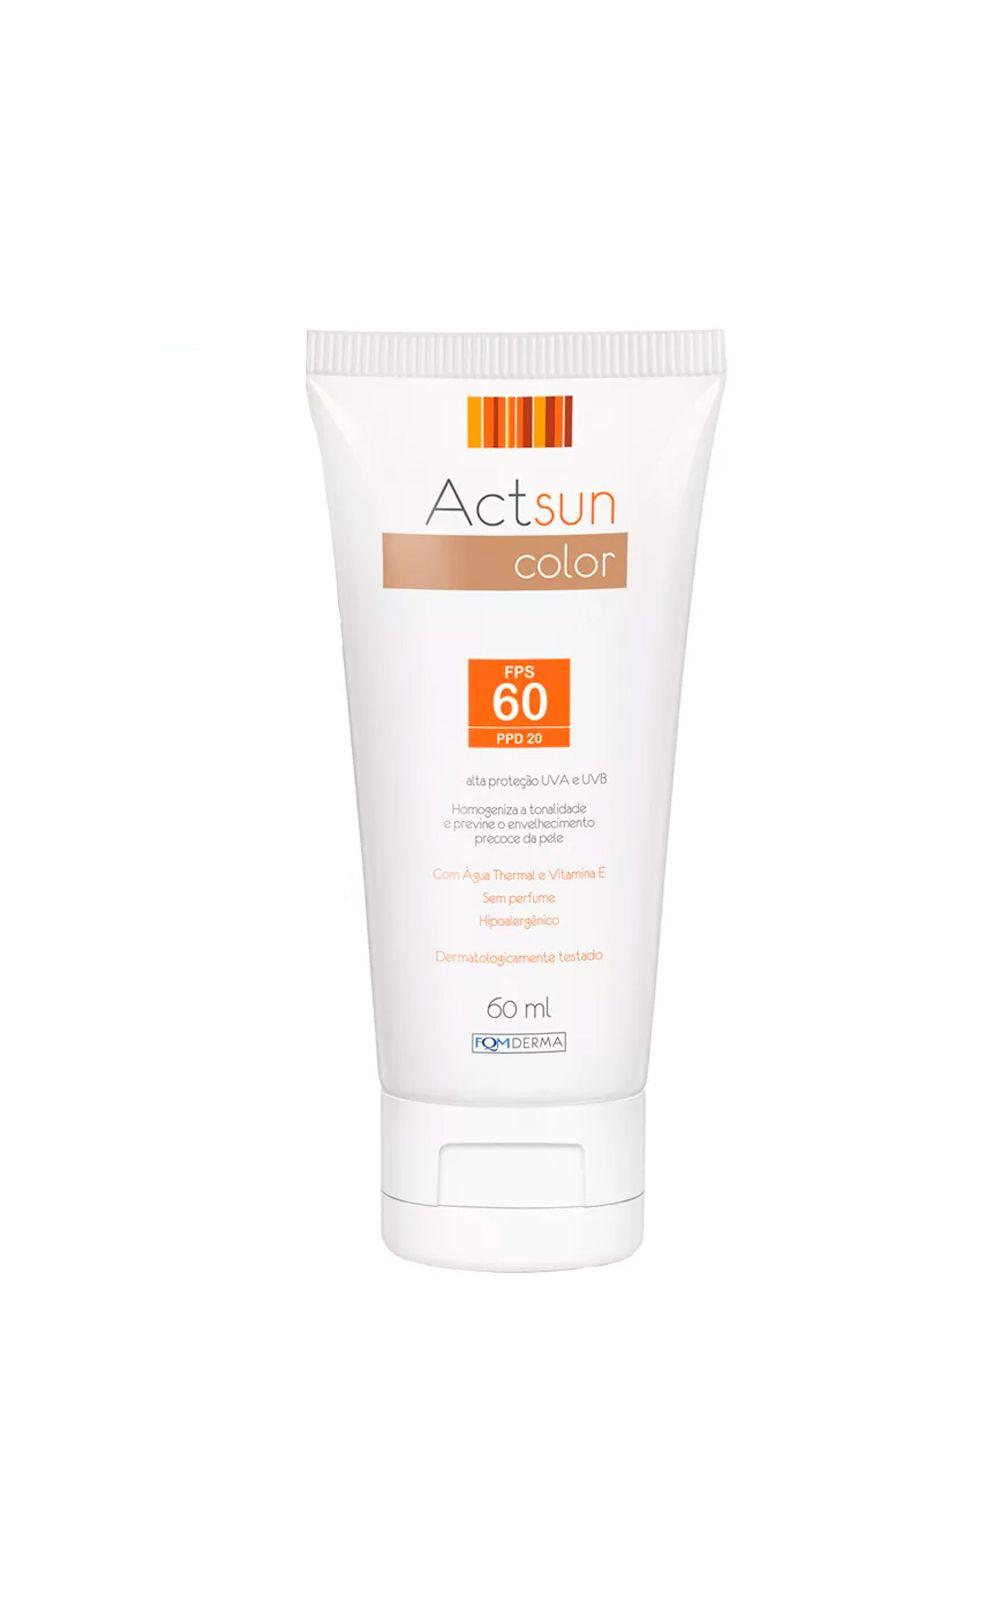 Foto 2 - Protetor Solar Facial com Cor de Base Fps60 Actsun Color - Protetor Solar - Universal